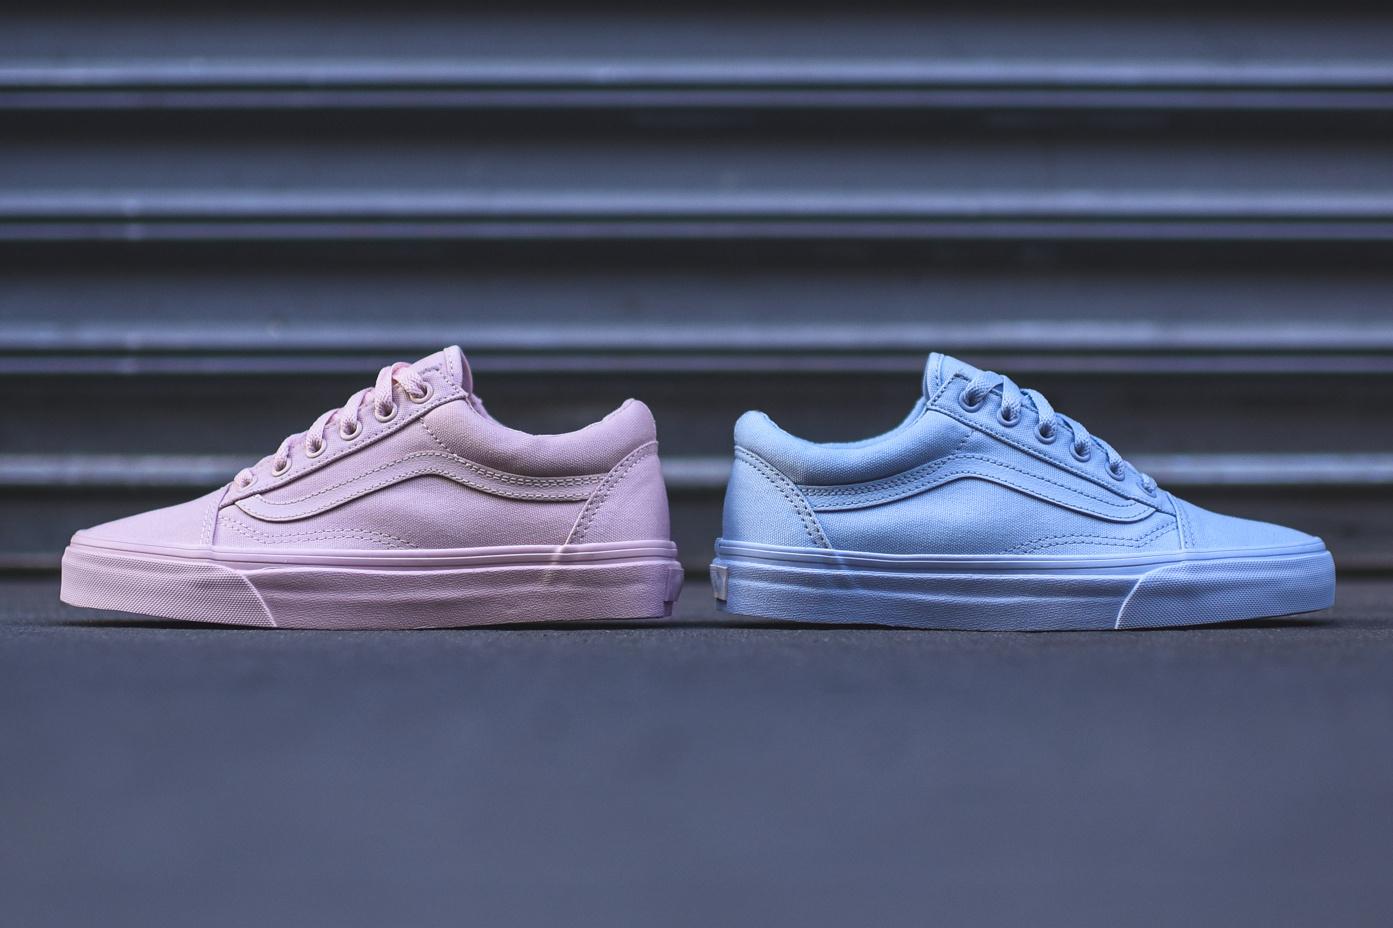 Vans' Old Skool Gets Dipped in Pink and Blue